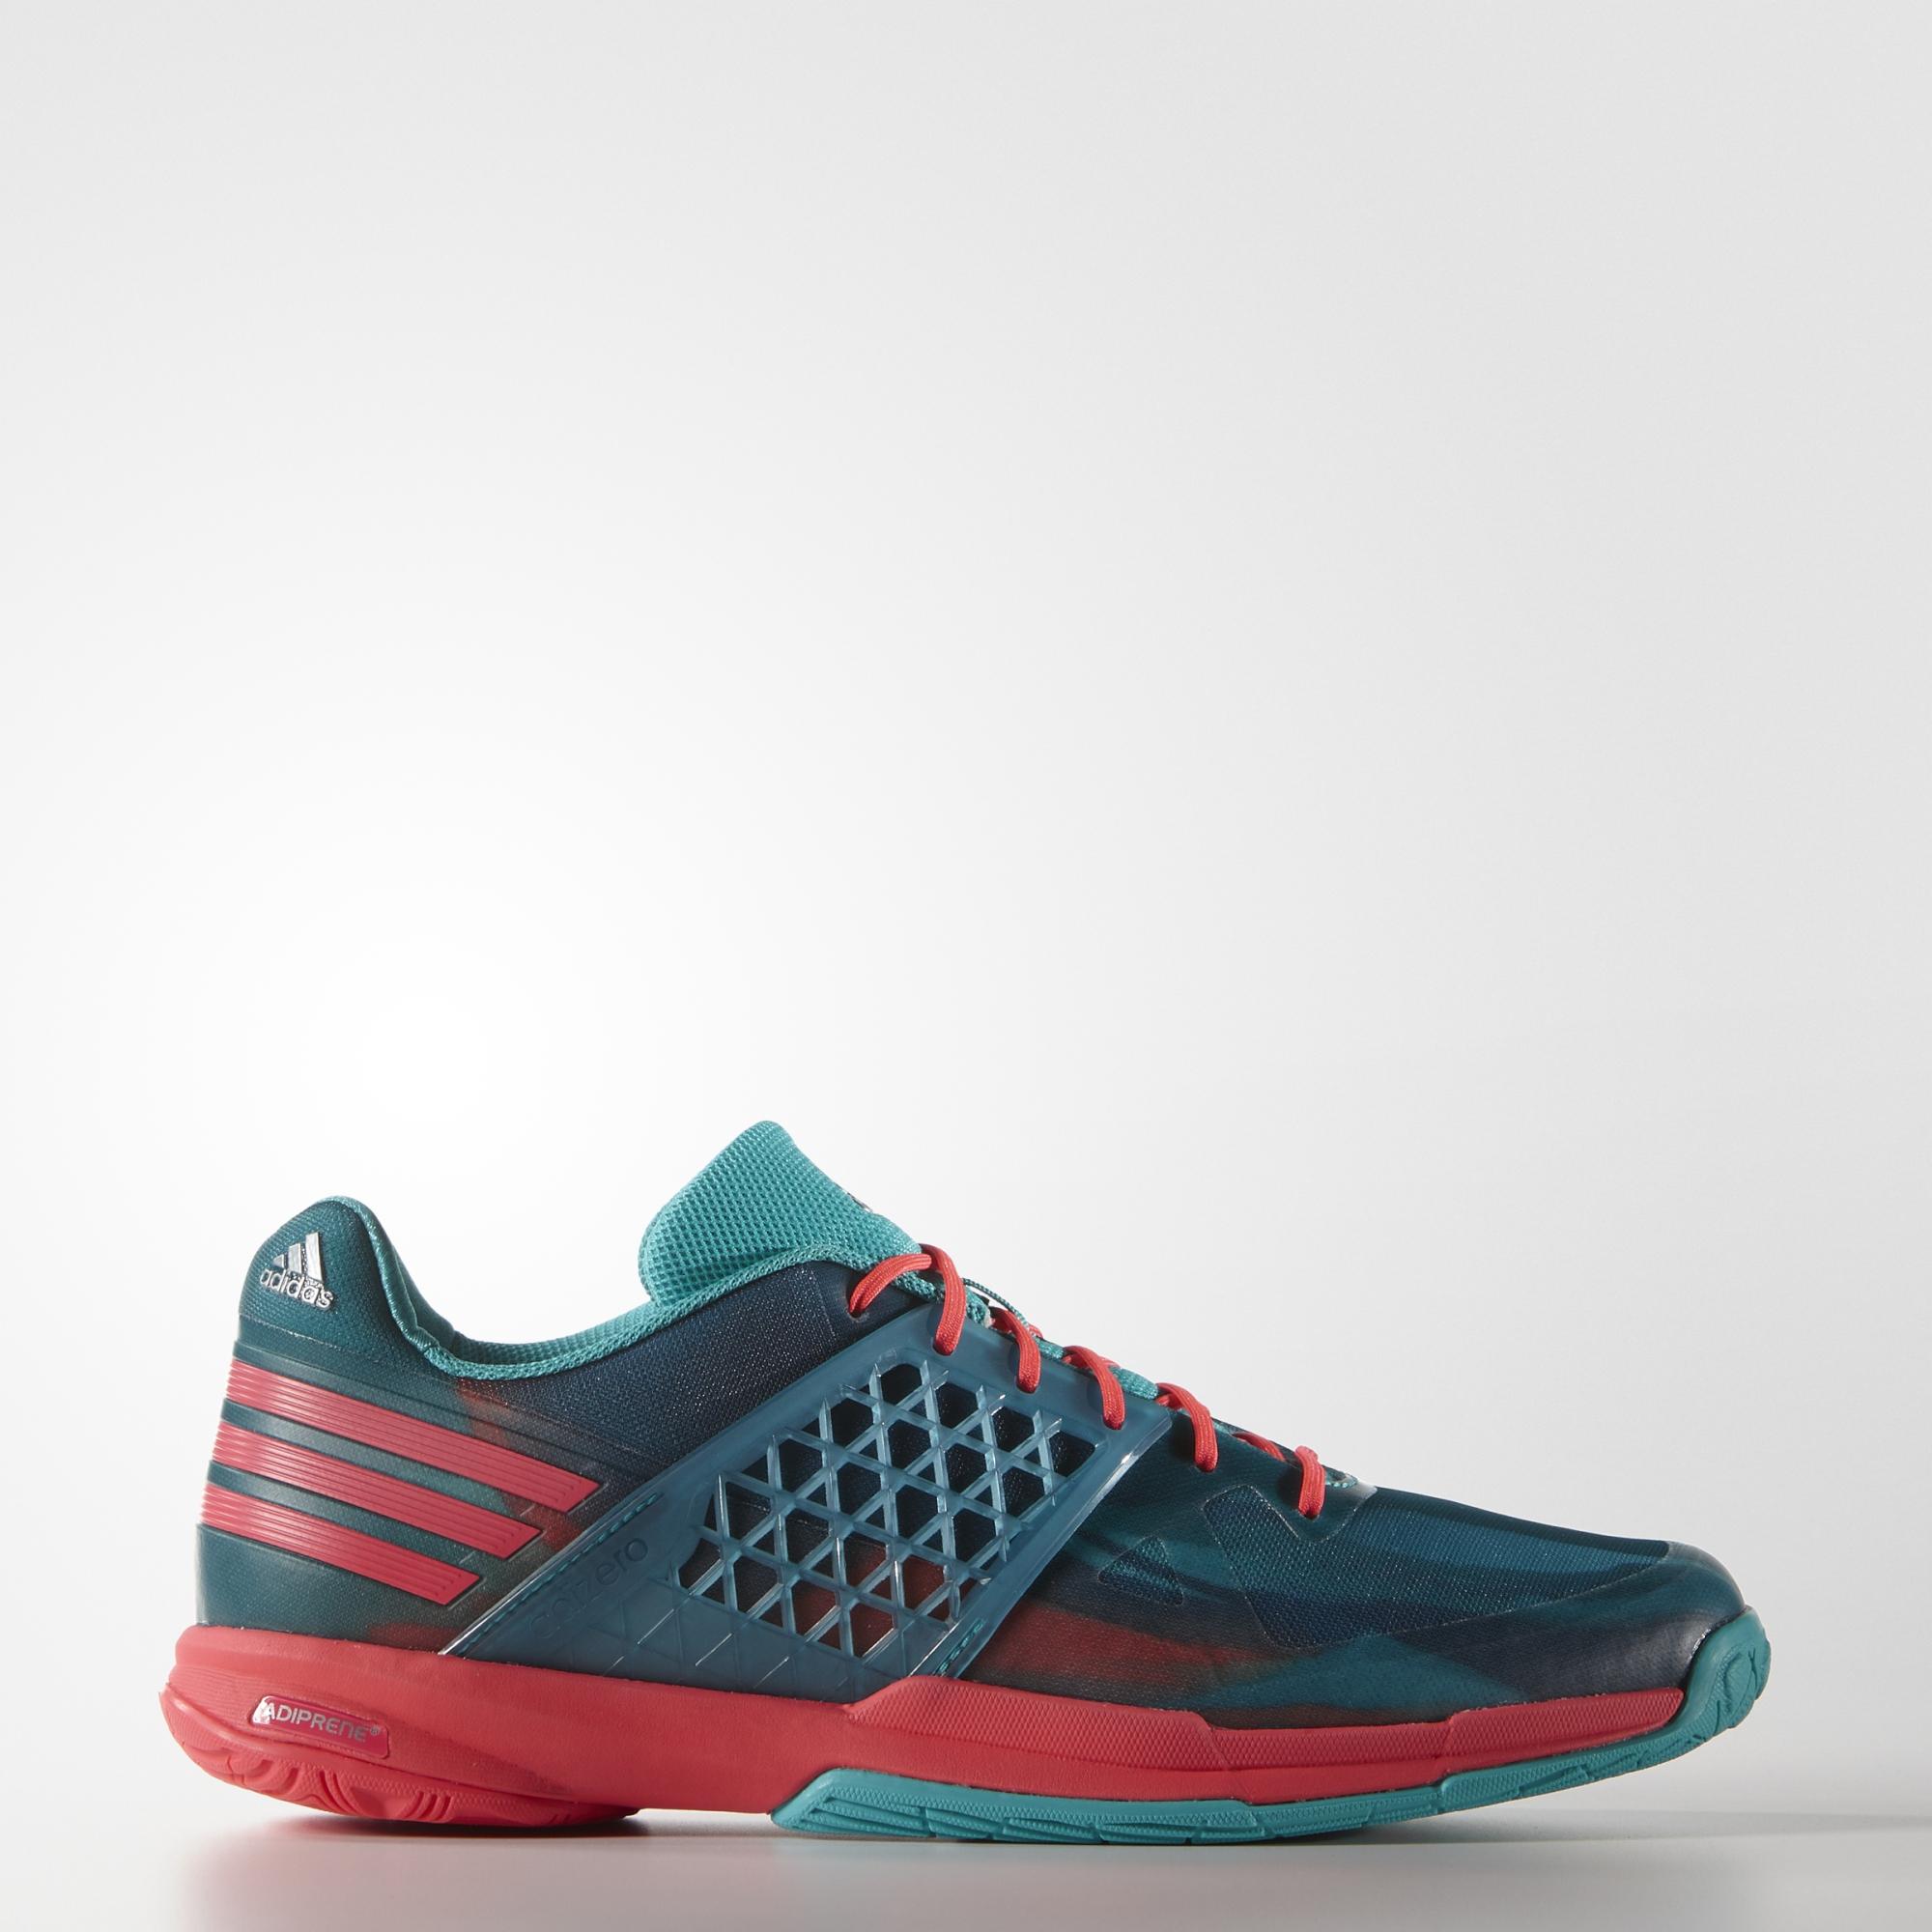 Adidas Basketball Shoes Wikipedia